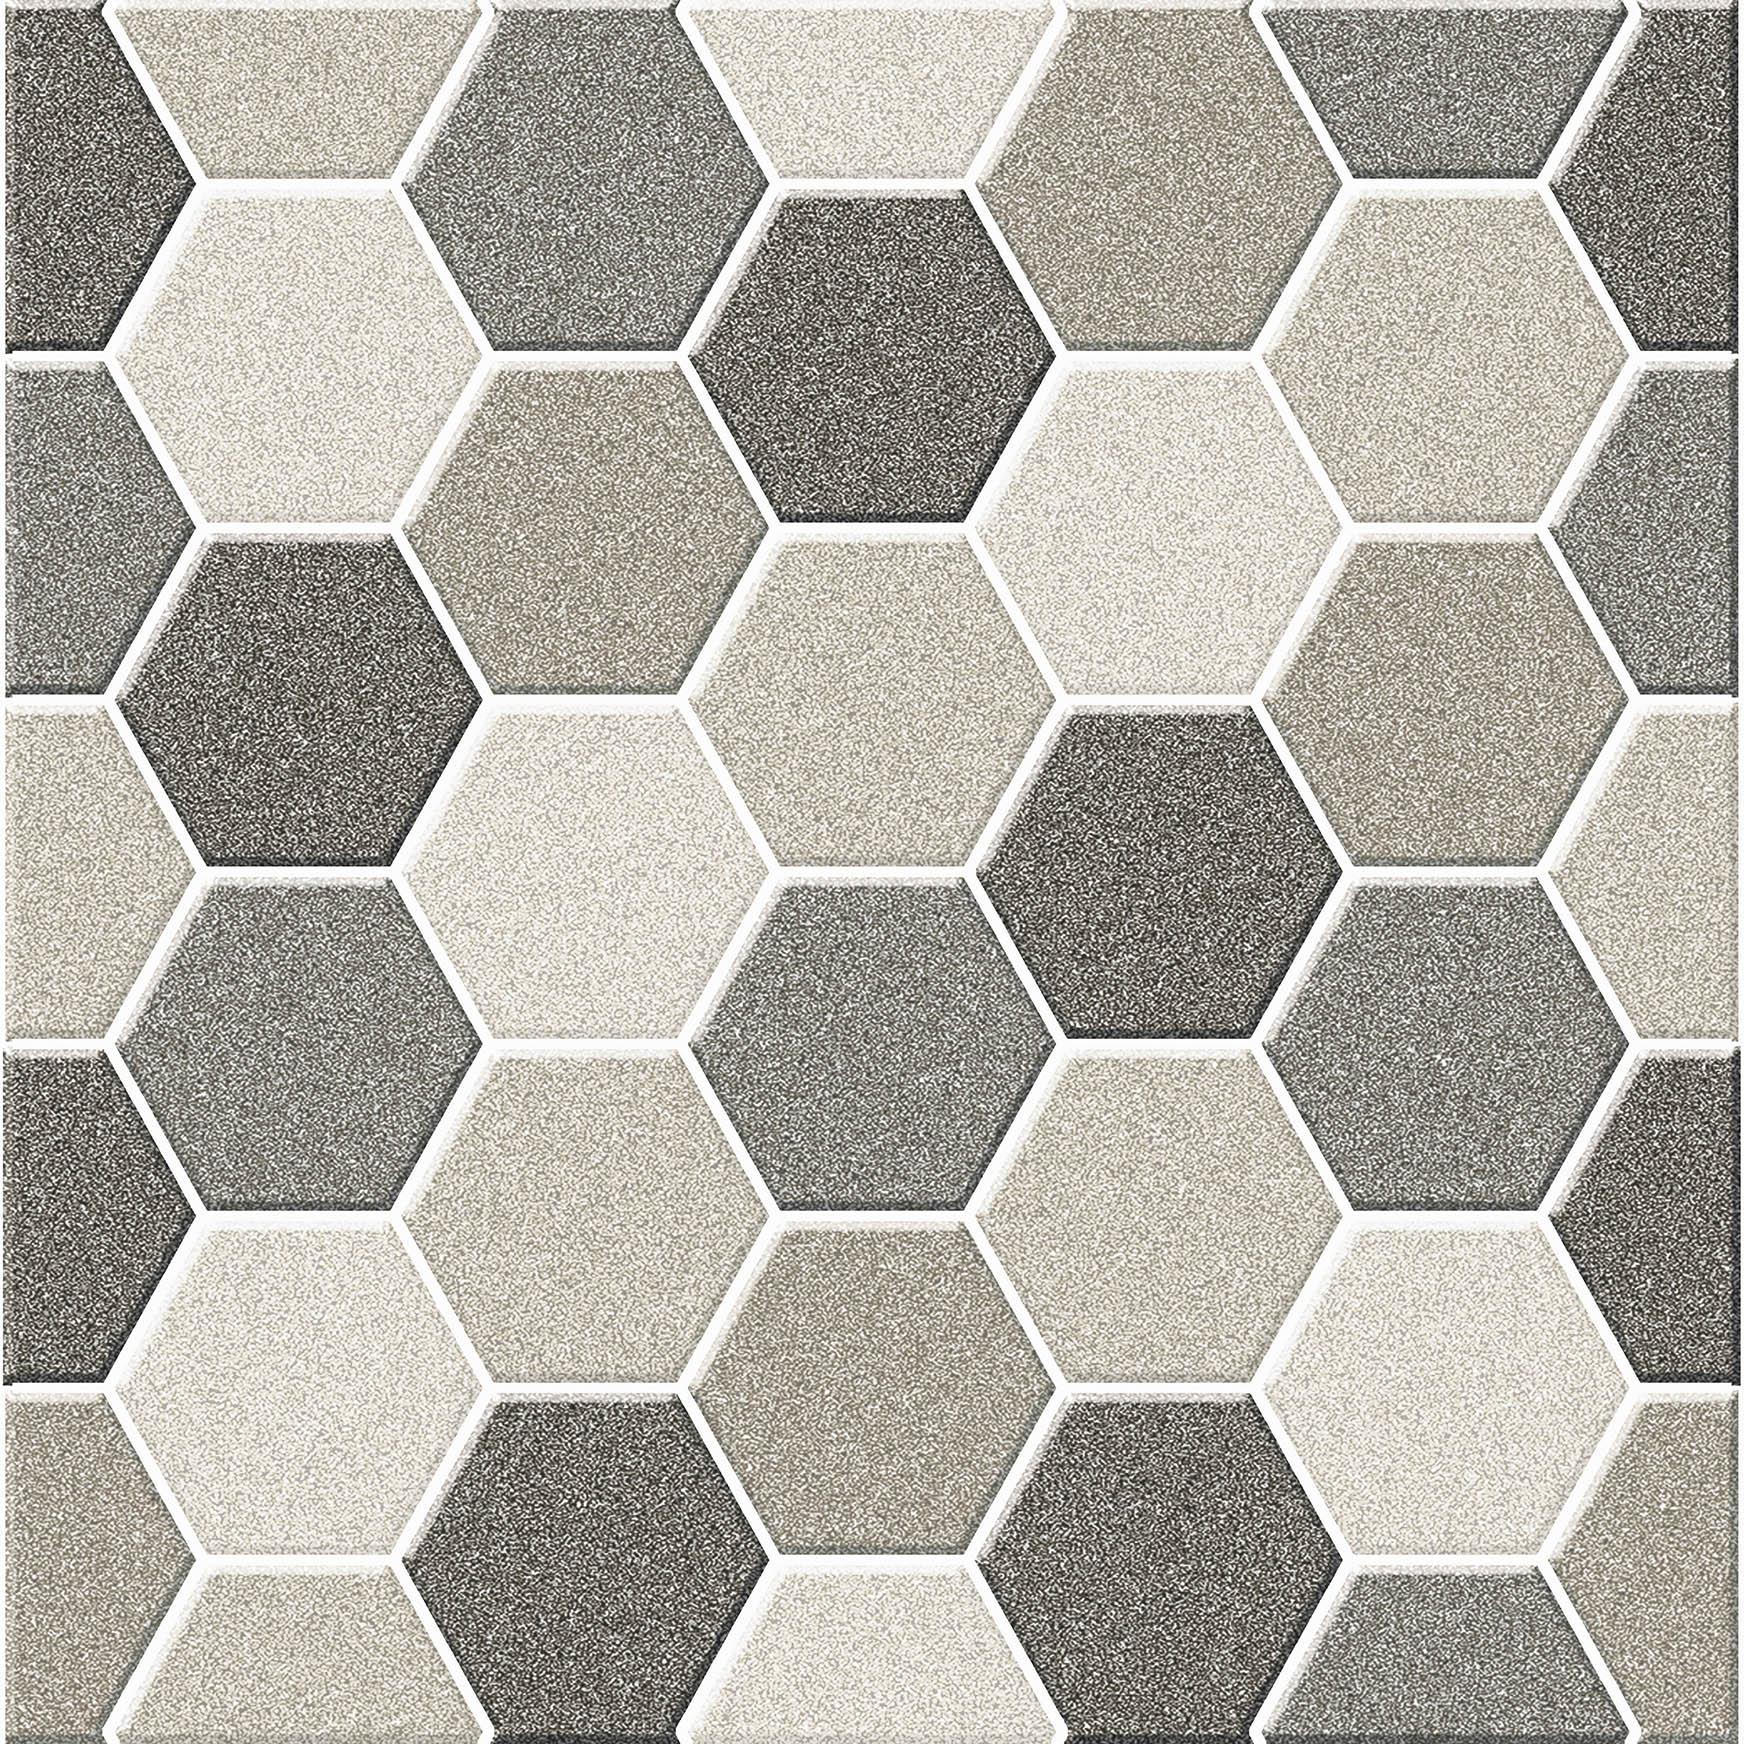 Hexagon 1001